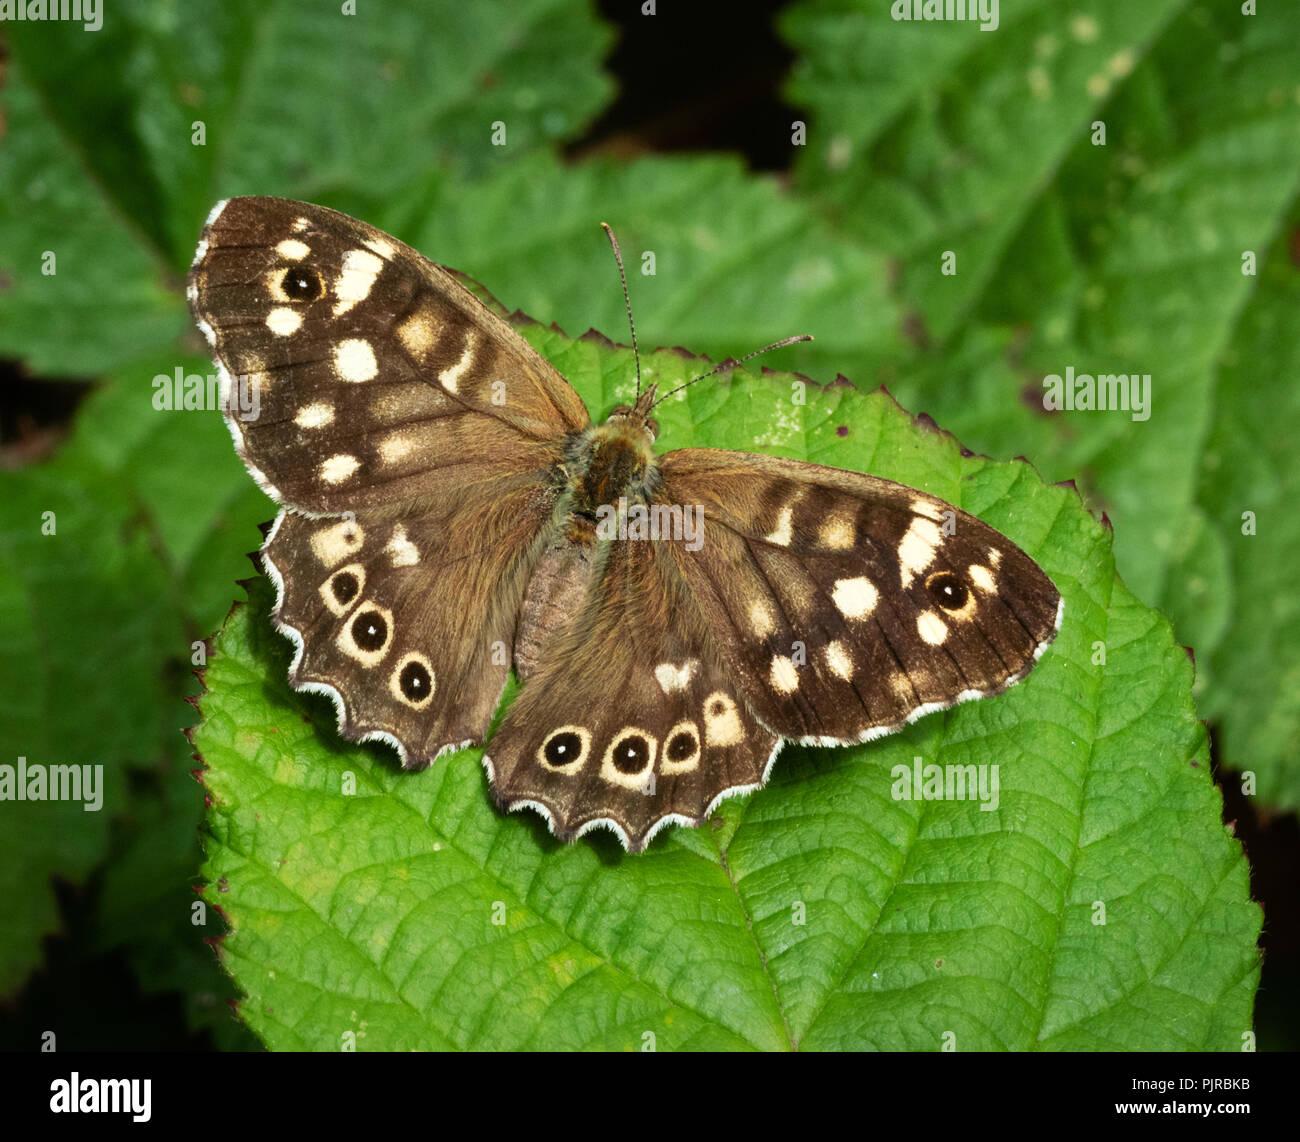 Imago Der hauhechelbläuling Schmetterling Pararge aegiria auf dornbusch Blatt - braun UK Form Stockbild